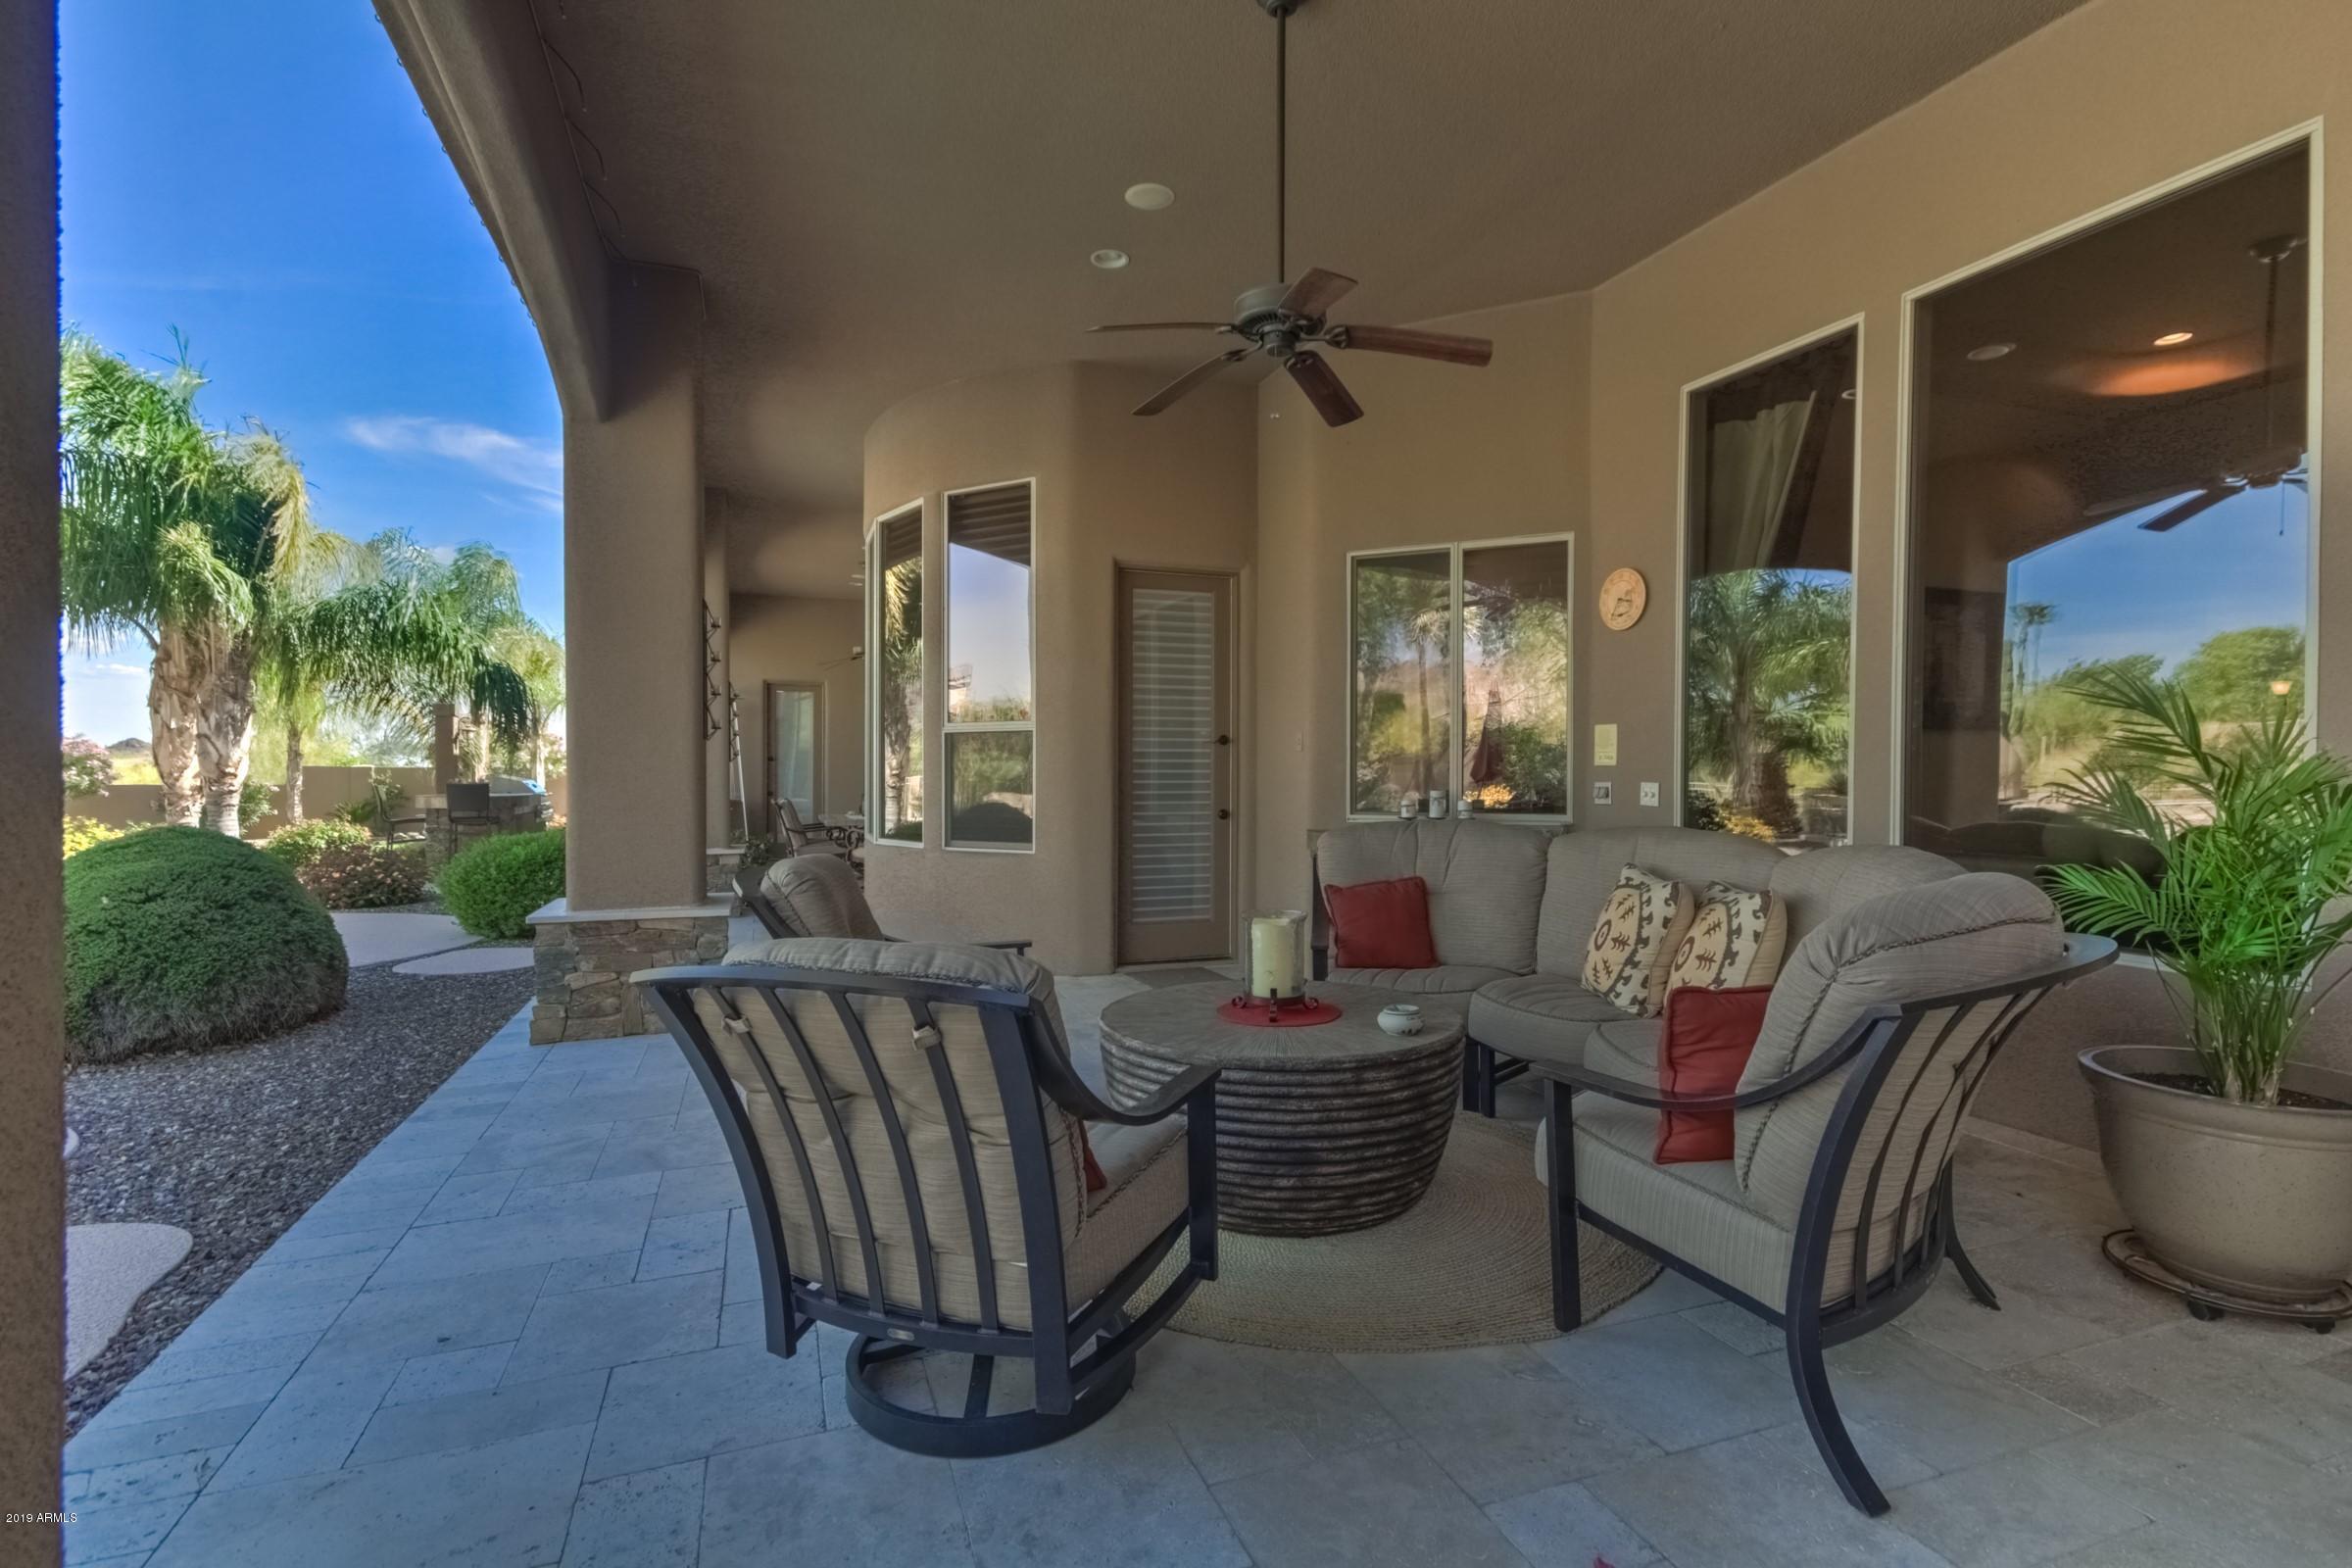 MLS 5925584 11653 N 129TH Way, Scottsdale, AZ 85259 Scottsdale AZ Private Pool